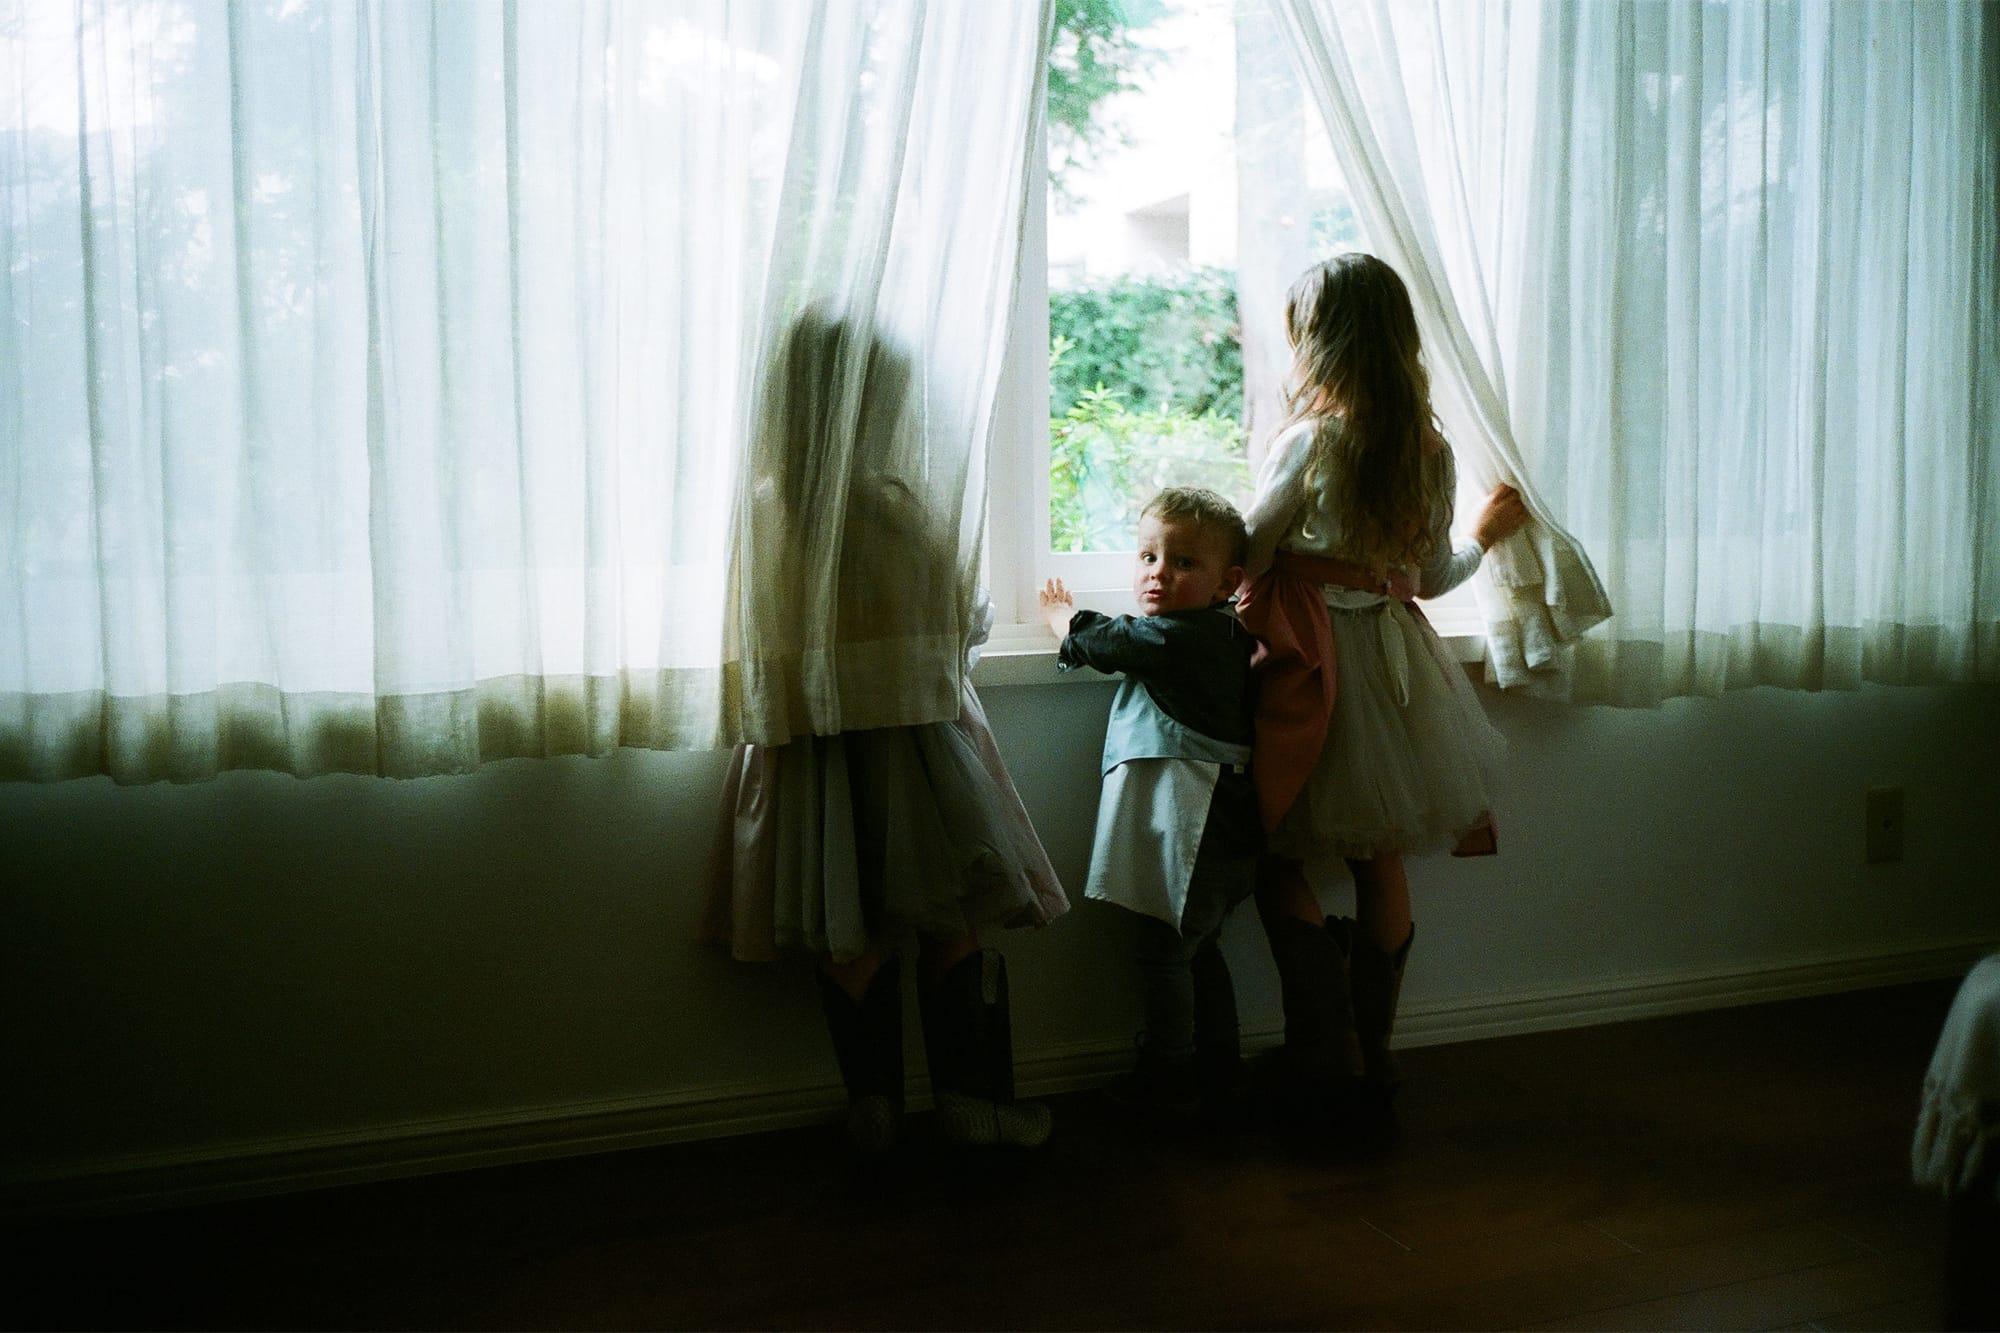 お食事エプロンは、ドレスのようなシルエットの女の子用「bouquet(ブーケ)」とギャルソンボーイ風の男の子用「garcon(ギャルソン)」の2種類。それぞれベビーサイズ(80〜90㎝)4,500円(税別)、キッズサイズ(100〜110㎝)5,000円(税別)。